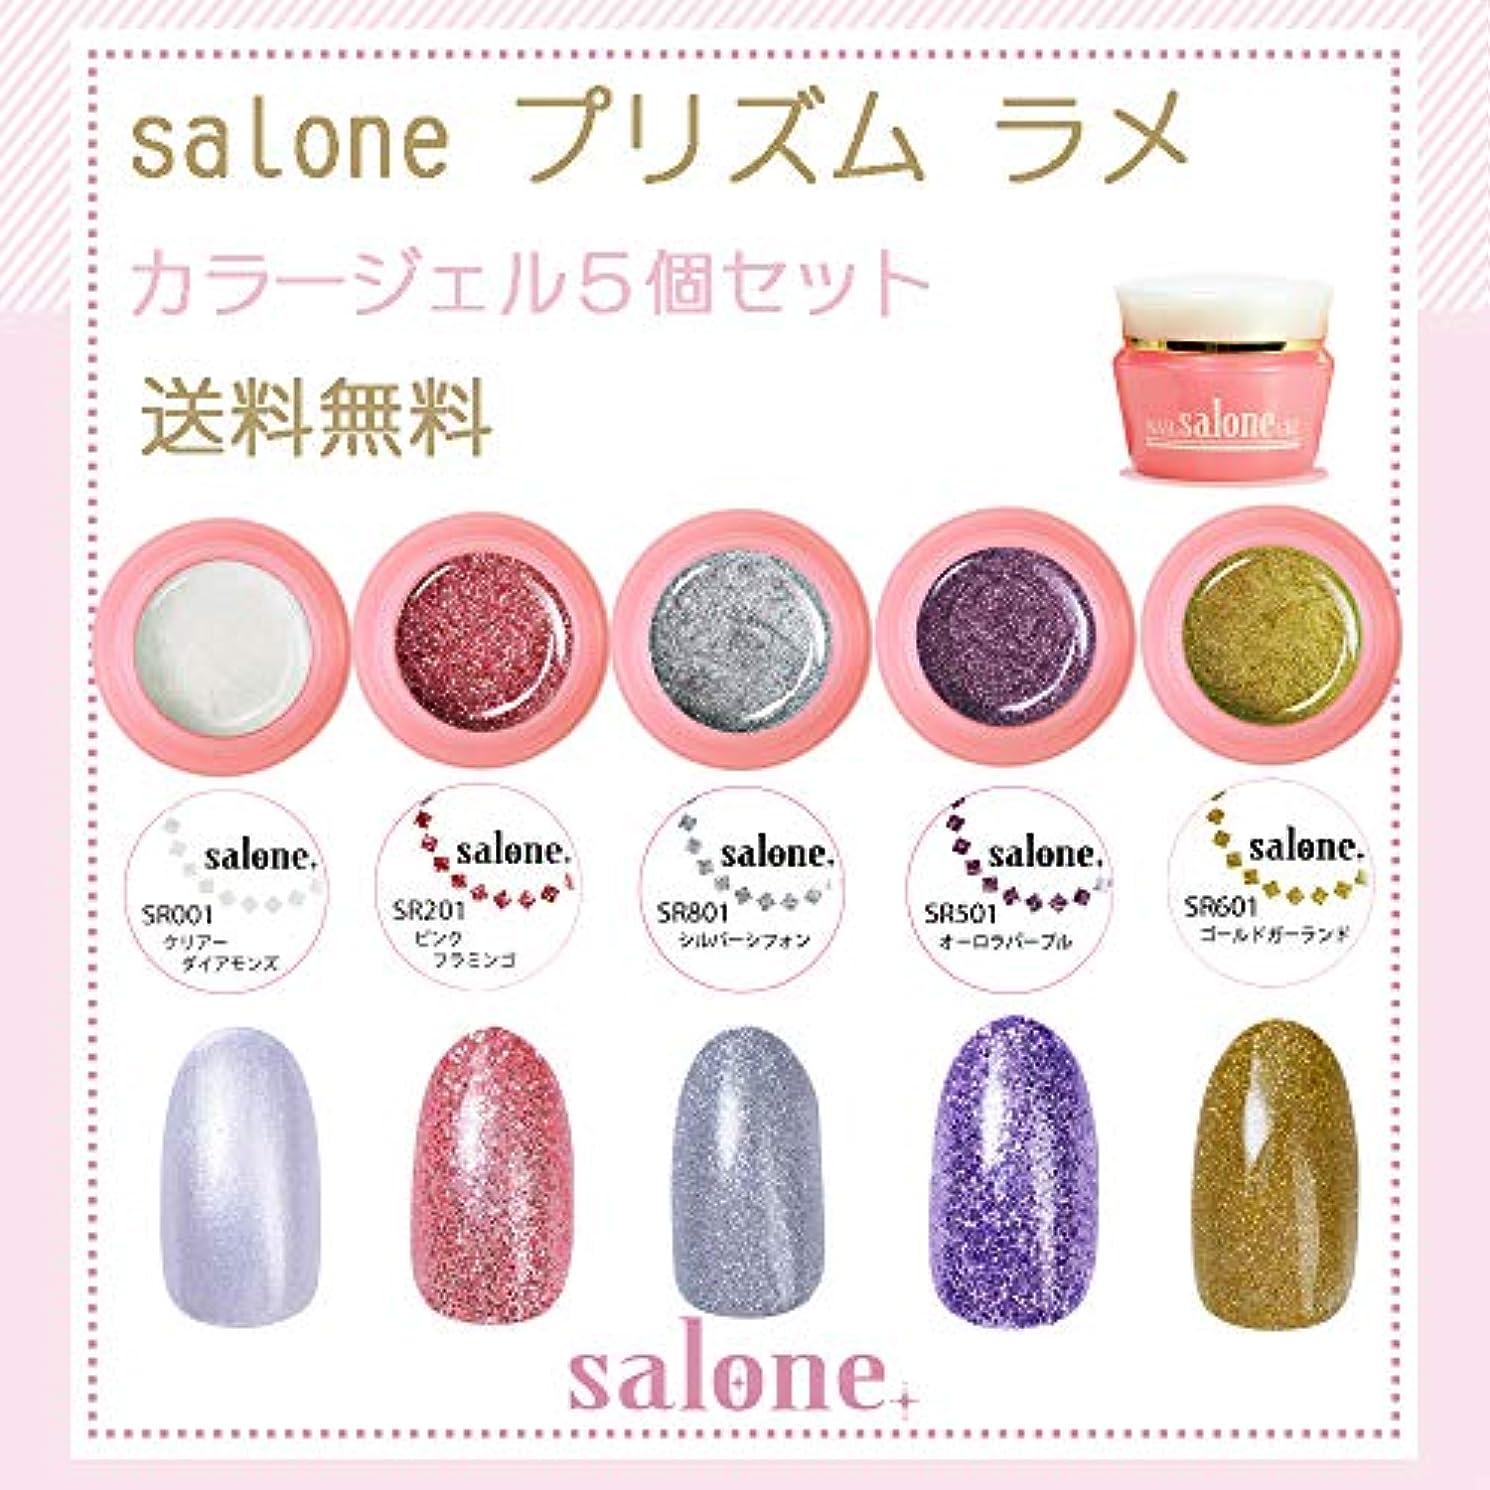 コンパイル疎外するだろう【送料無料 日本製】Salone プリズムラメ カラージェル5個セット キラキラネイルにぴったりなカラー